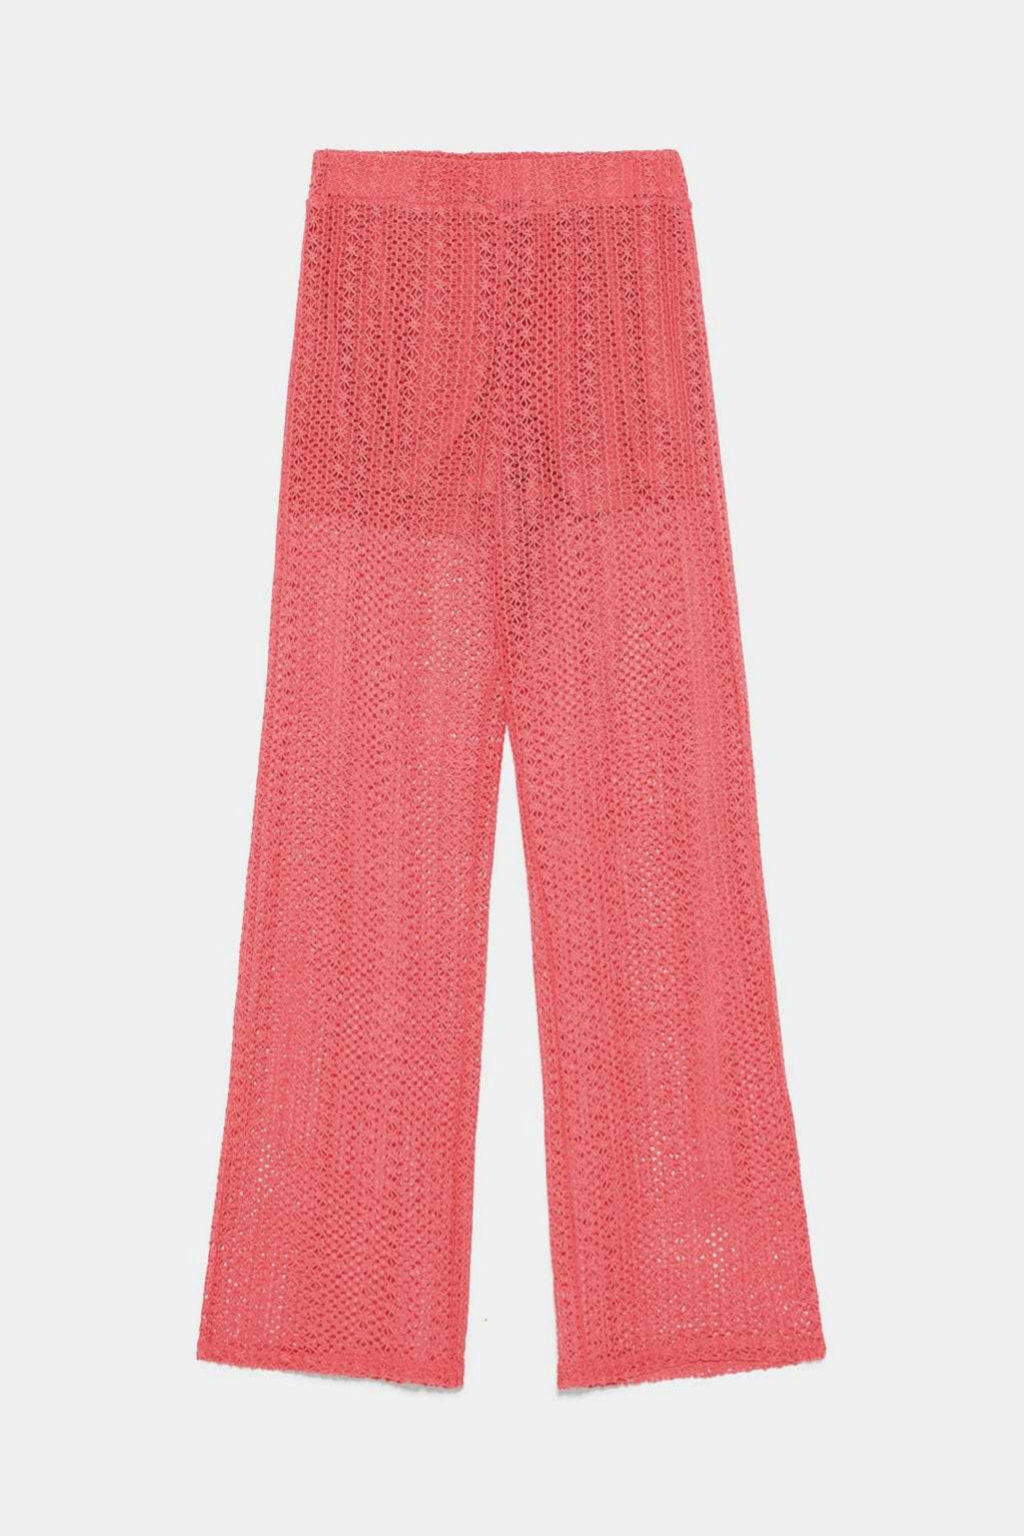 Pantalón calado de punto en color salmón de Zara